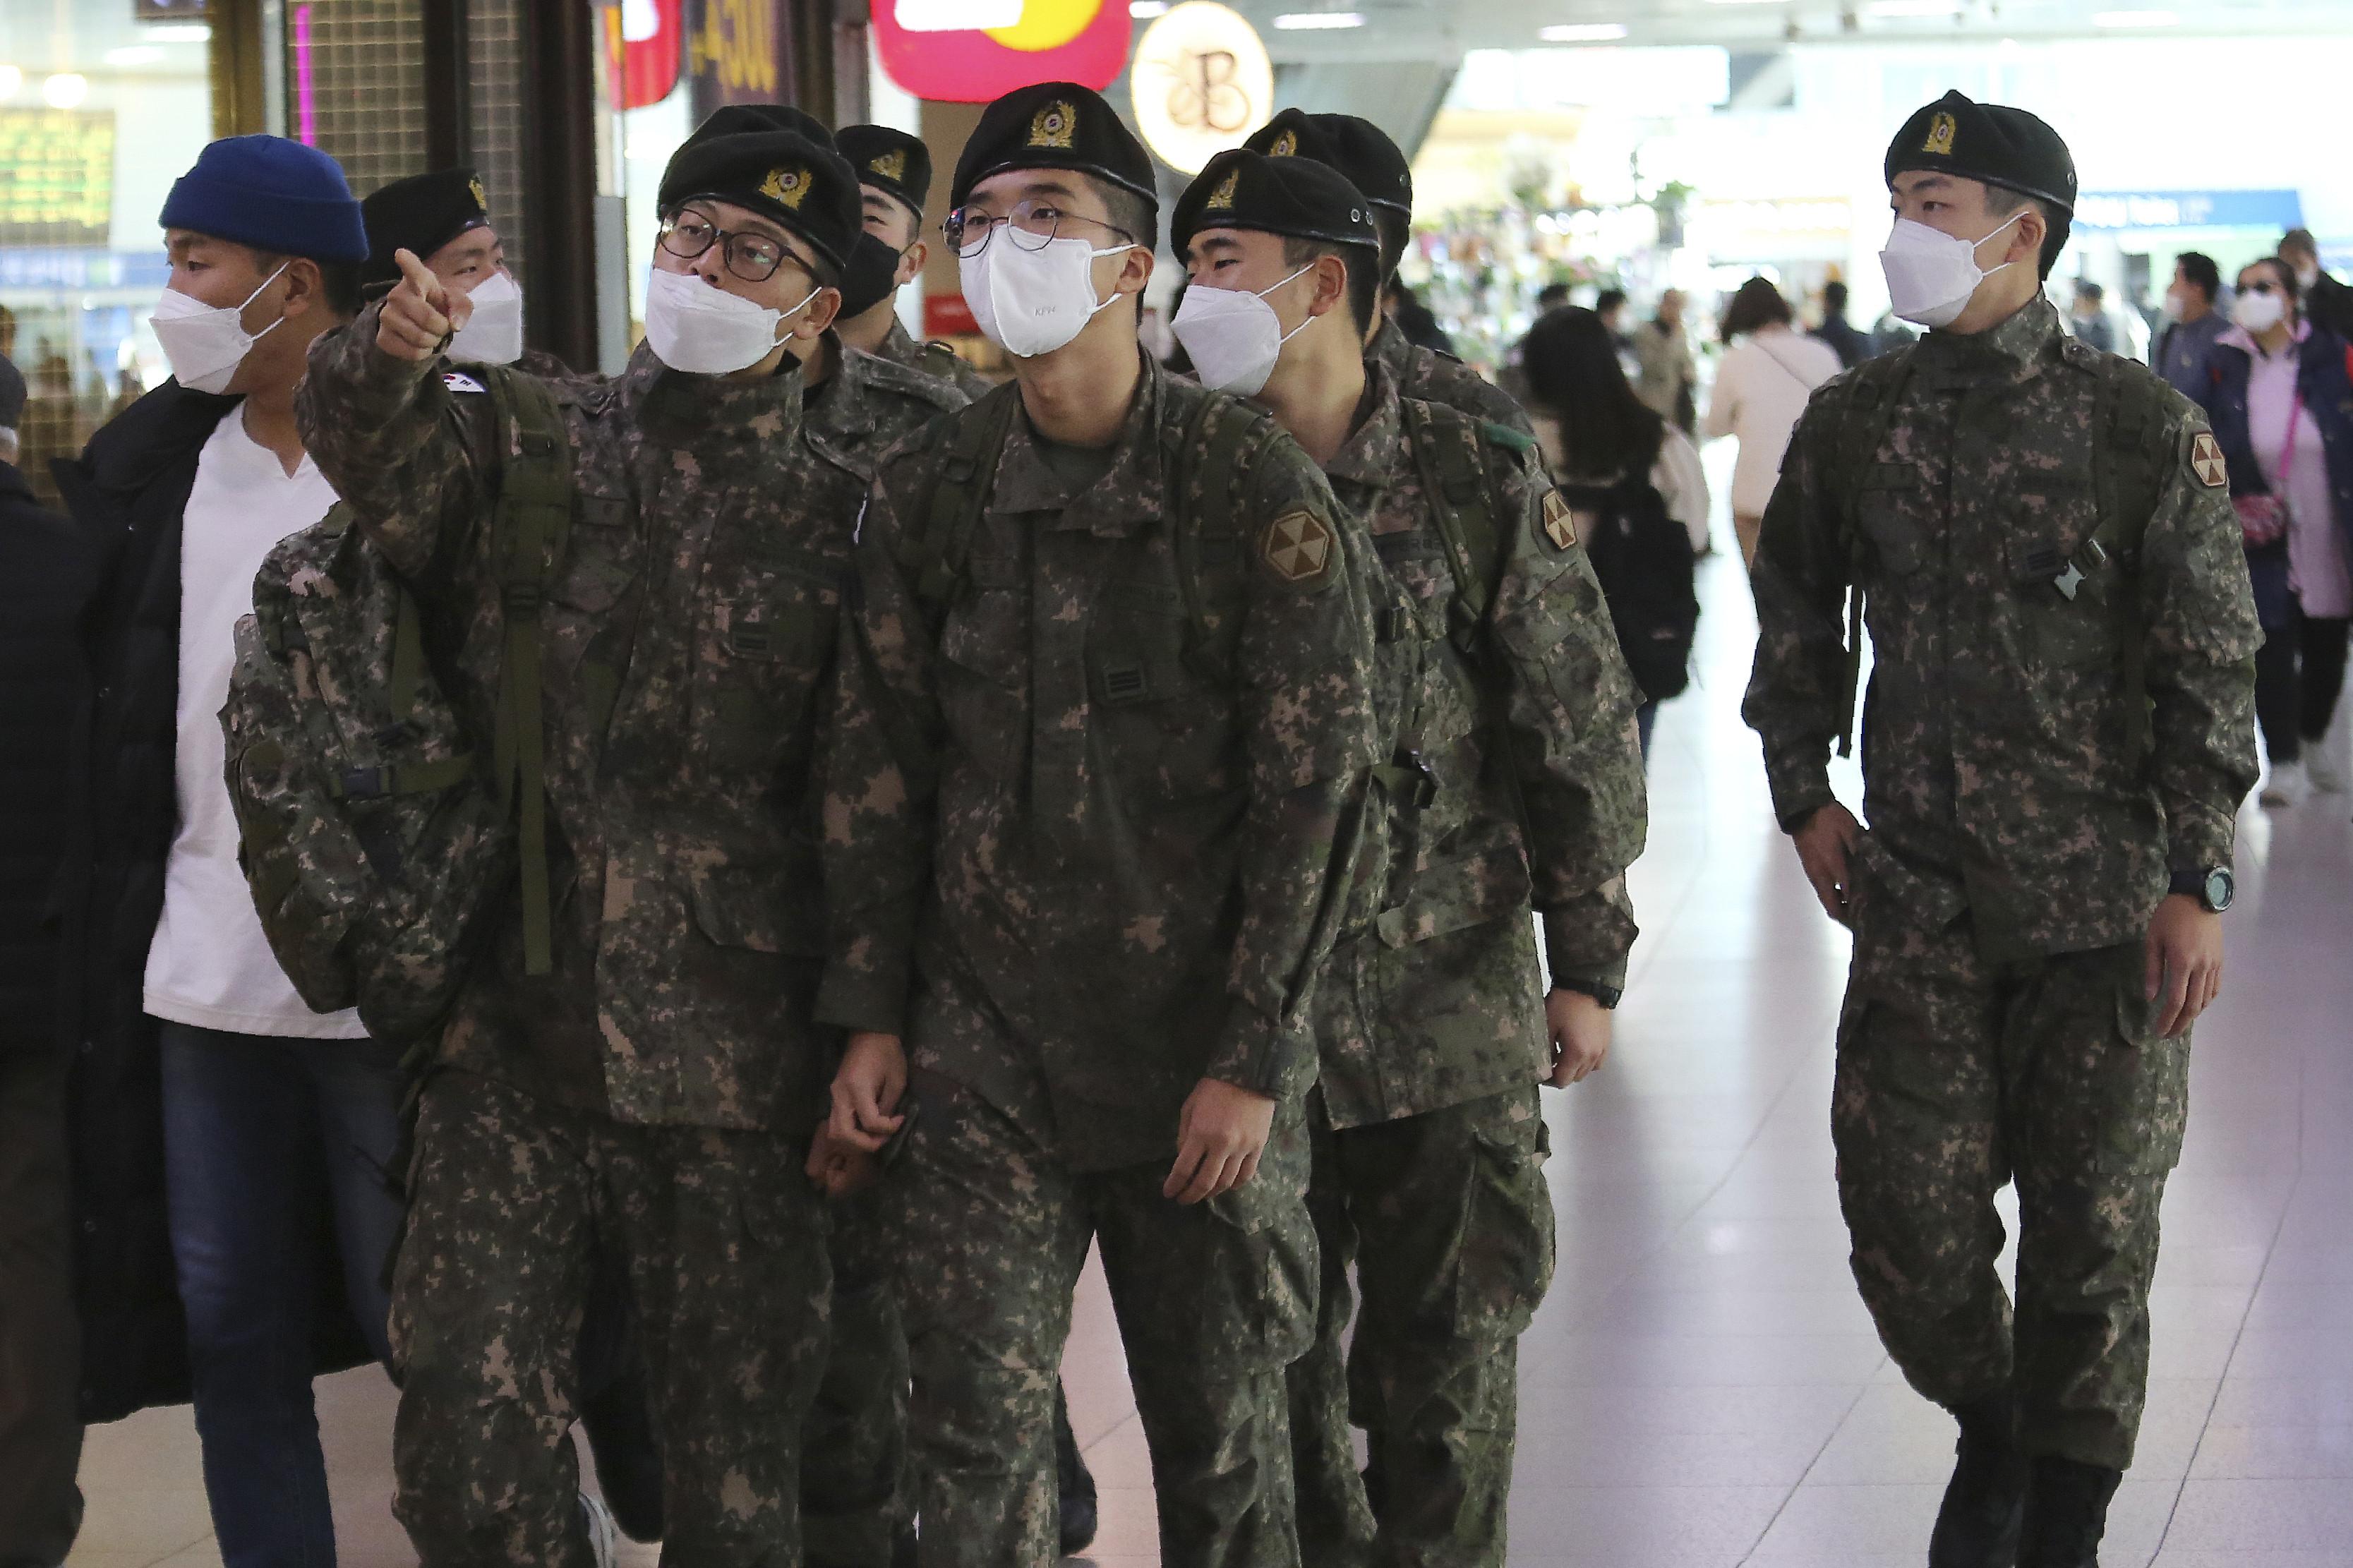 ▲▼南韓陸軍受訓時腳踝韌帶斷裂,卻先後遭軍醫誤診、部隊指揮官迴避責任。(示意圖/達志影像/美聯社)